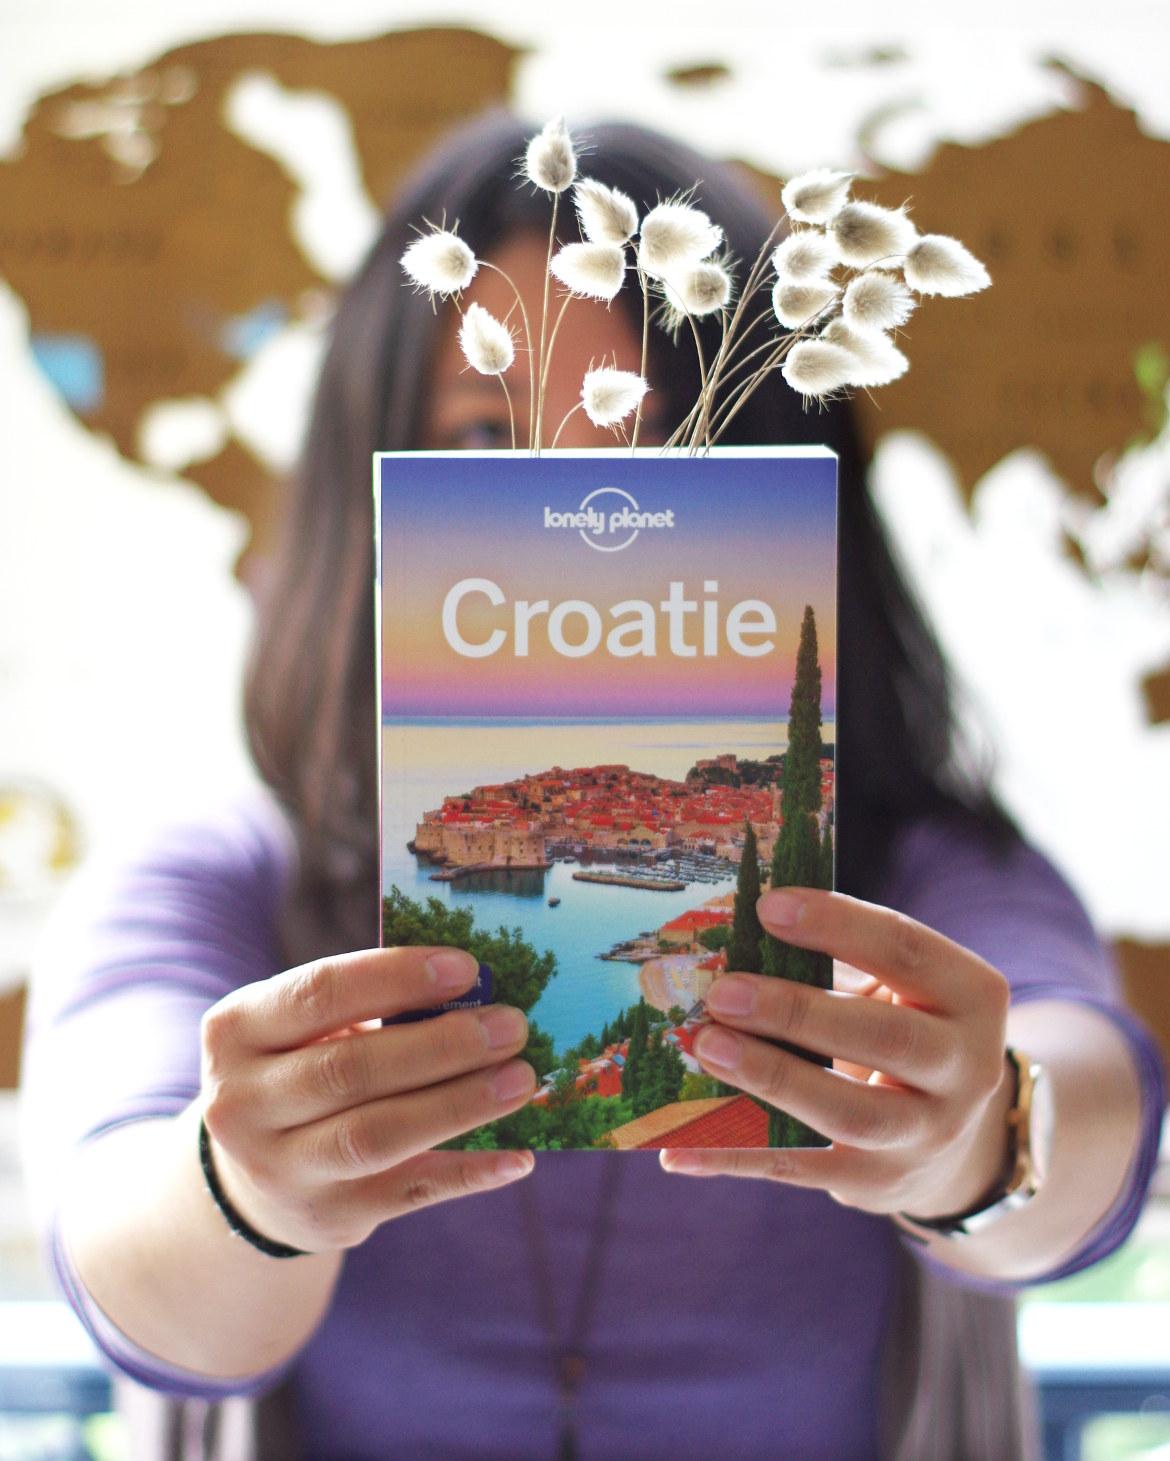 Croatie Lonelyplanet